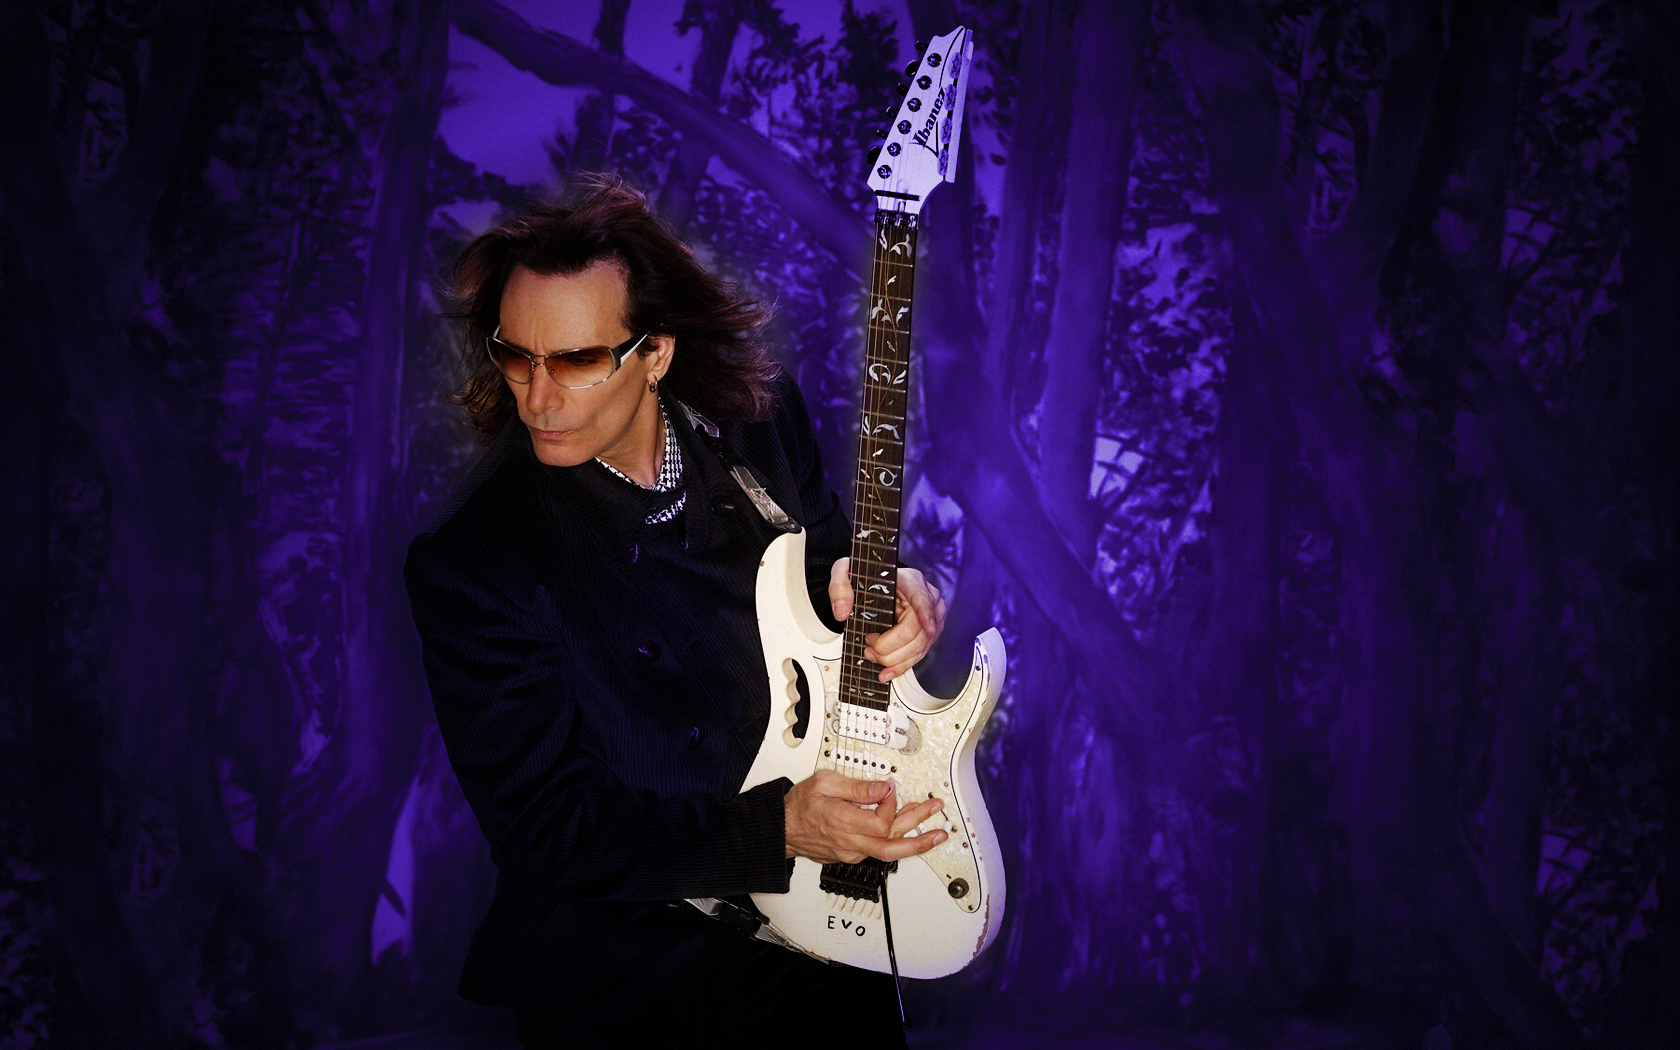 Grandes guitarristas del Rock y Heavy Metal